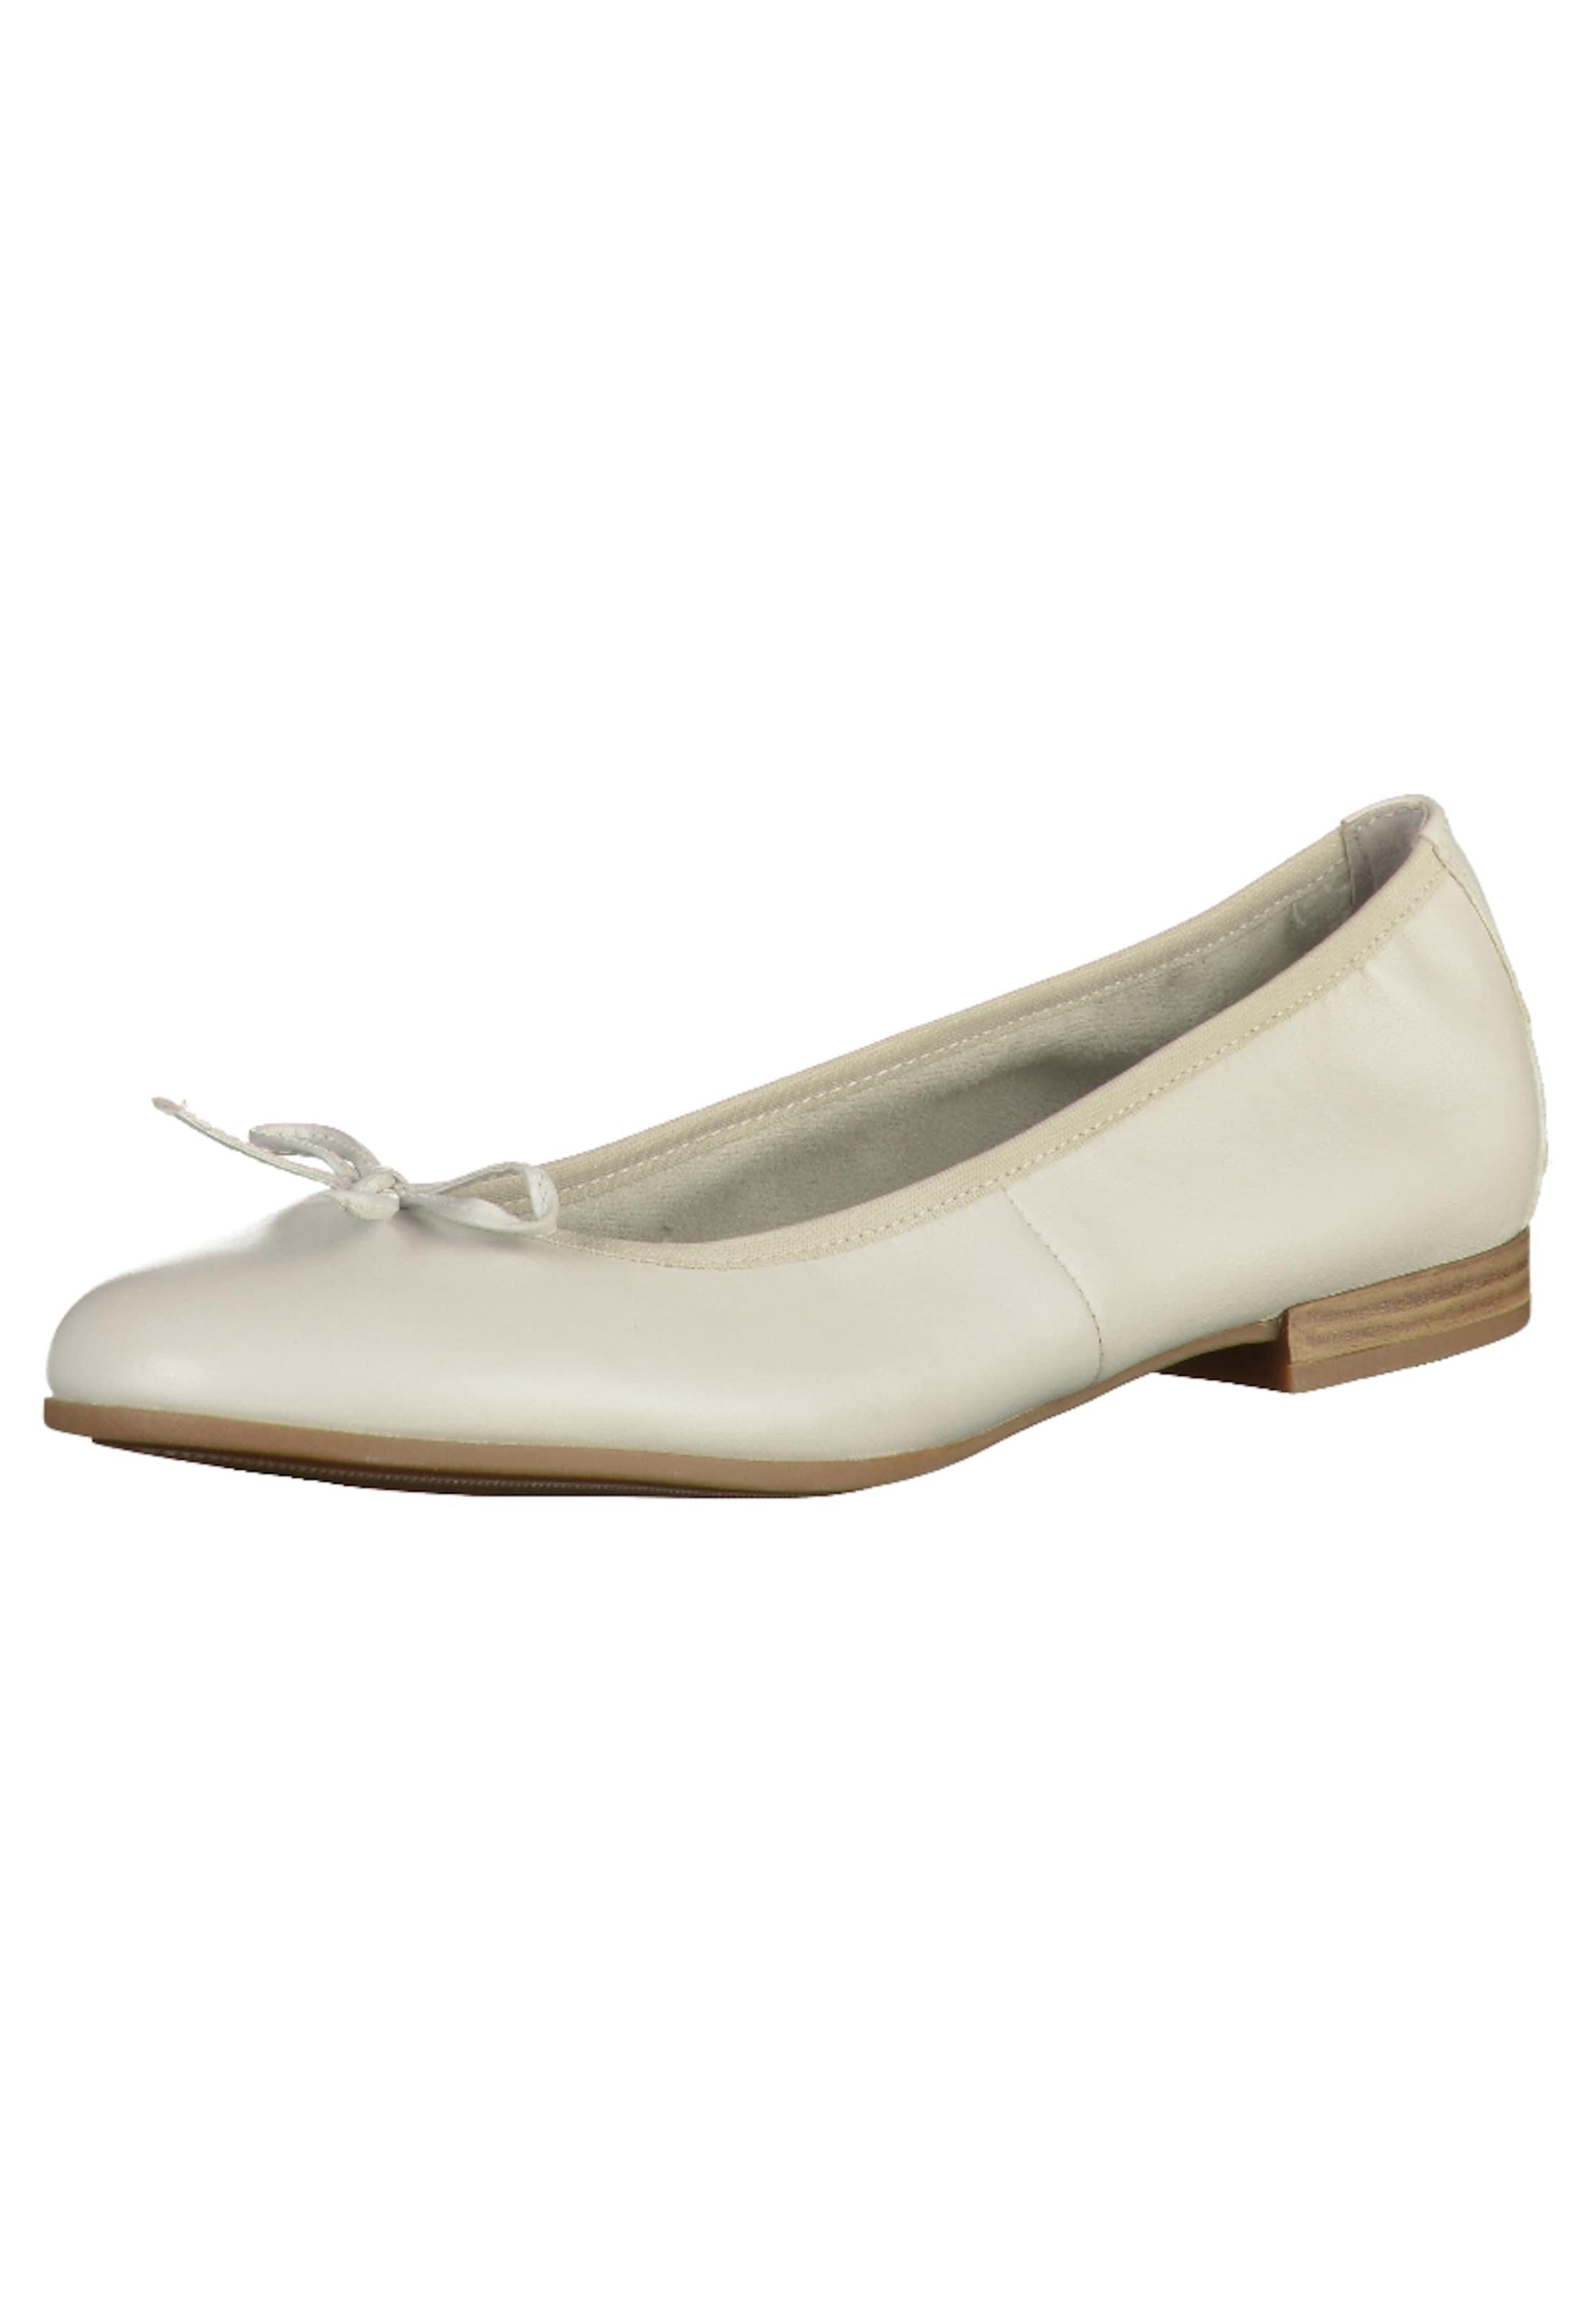 TAMARIS Ballerinas Günstige und langlebige Schuhe